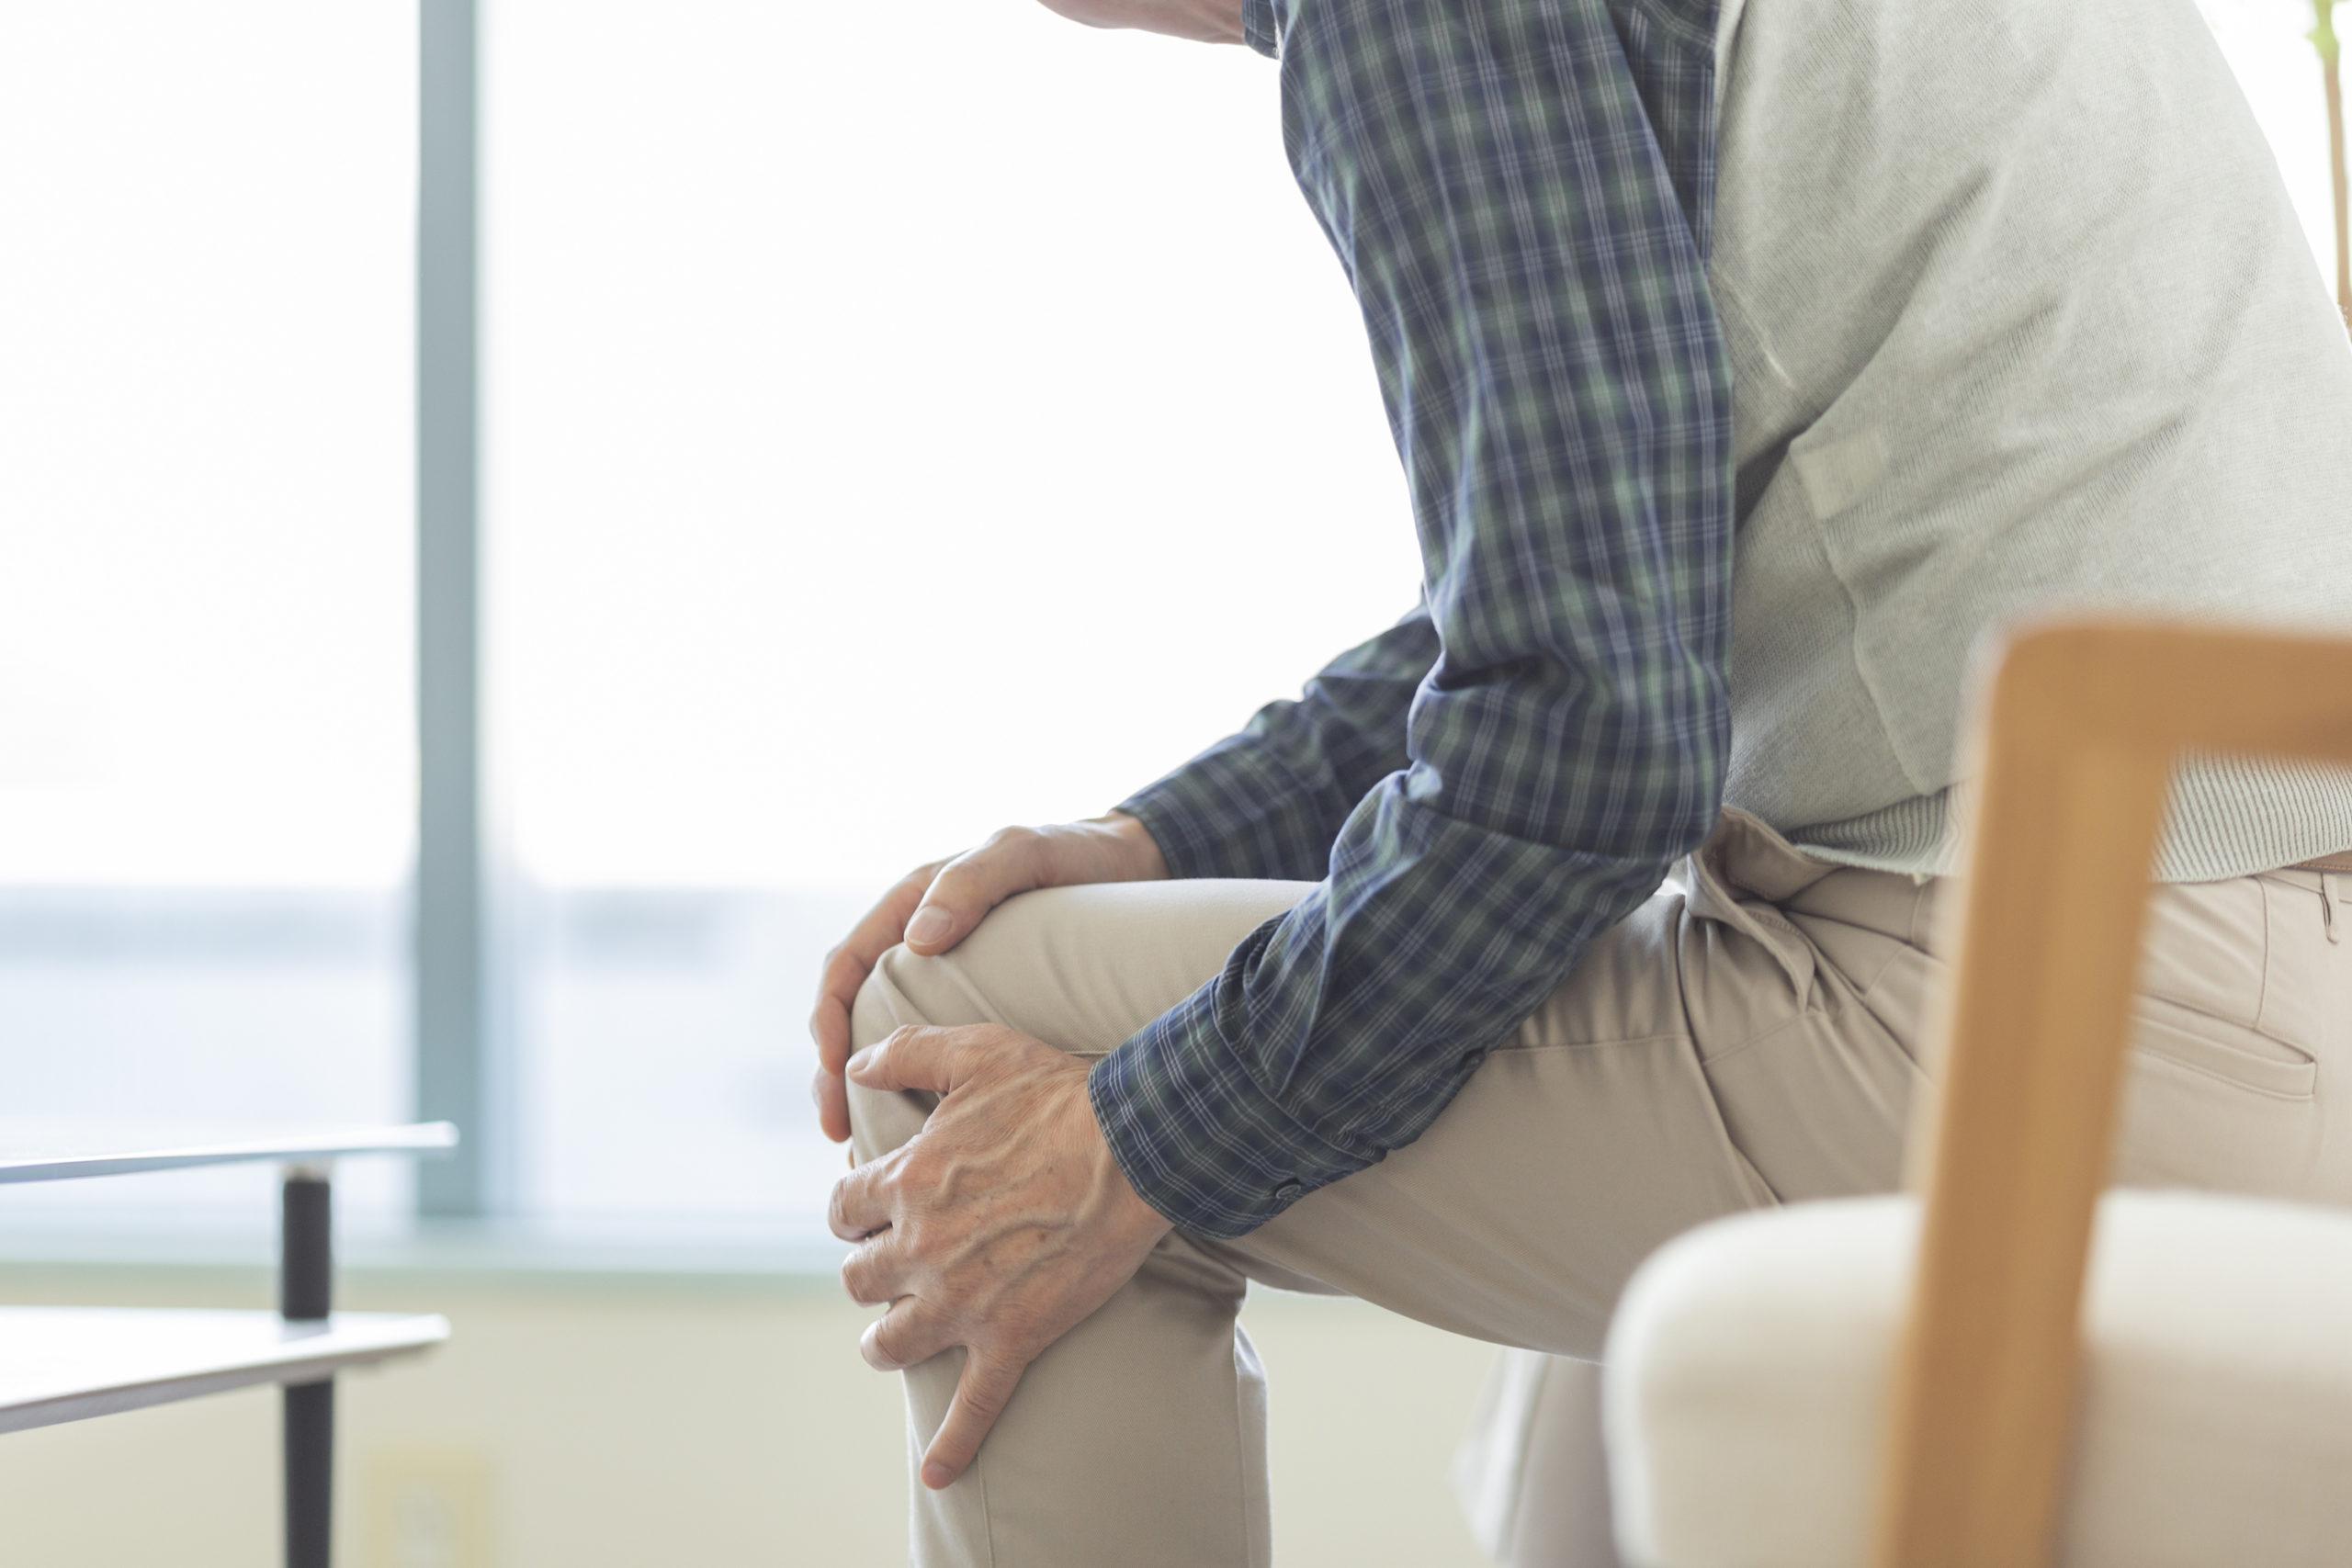 即効 膝 性 痛み 薬 の